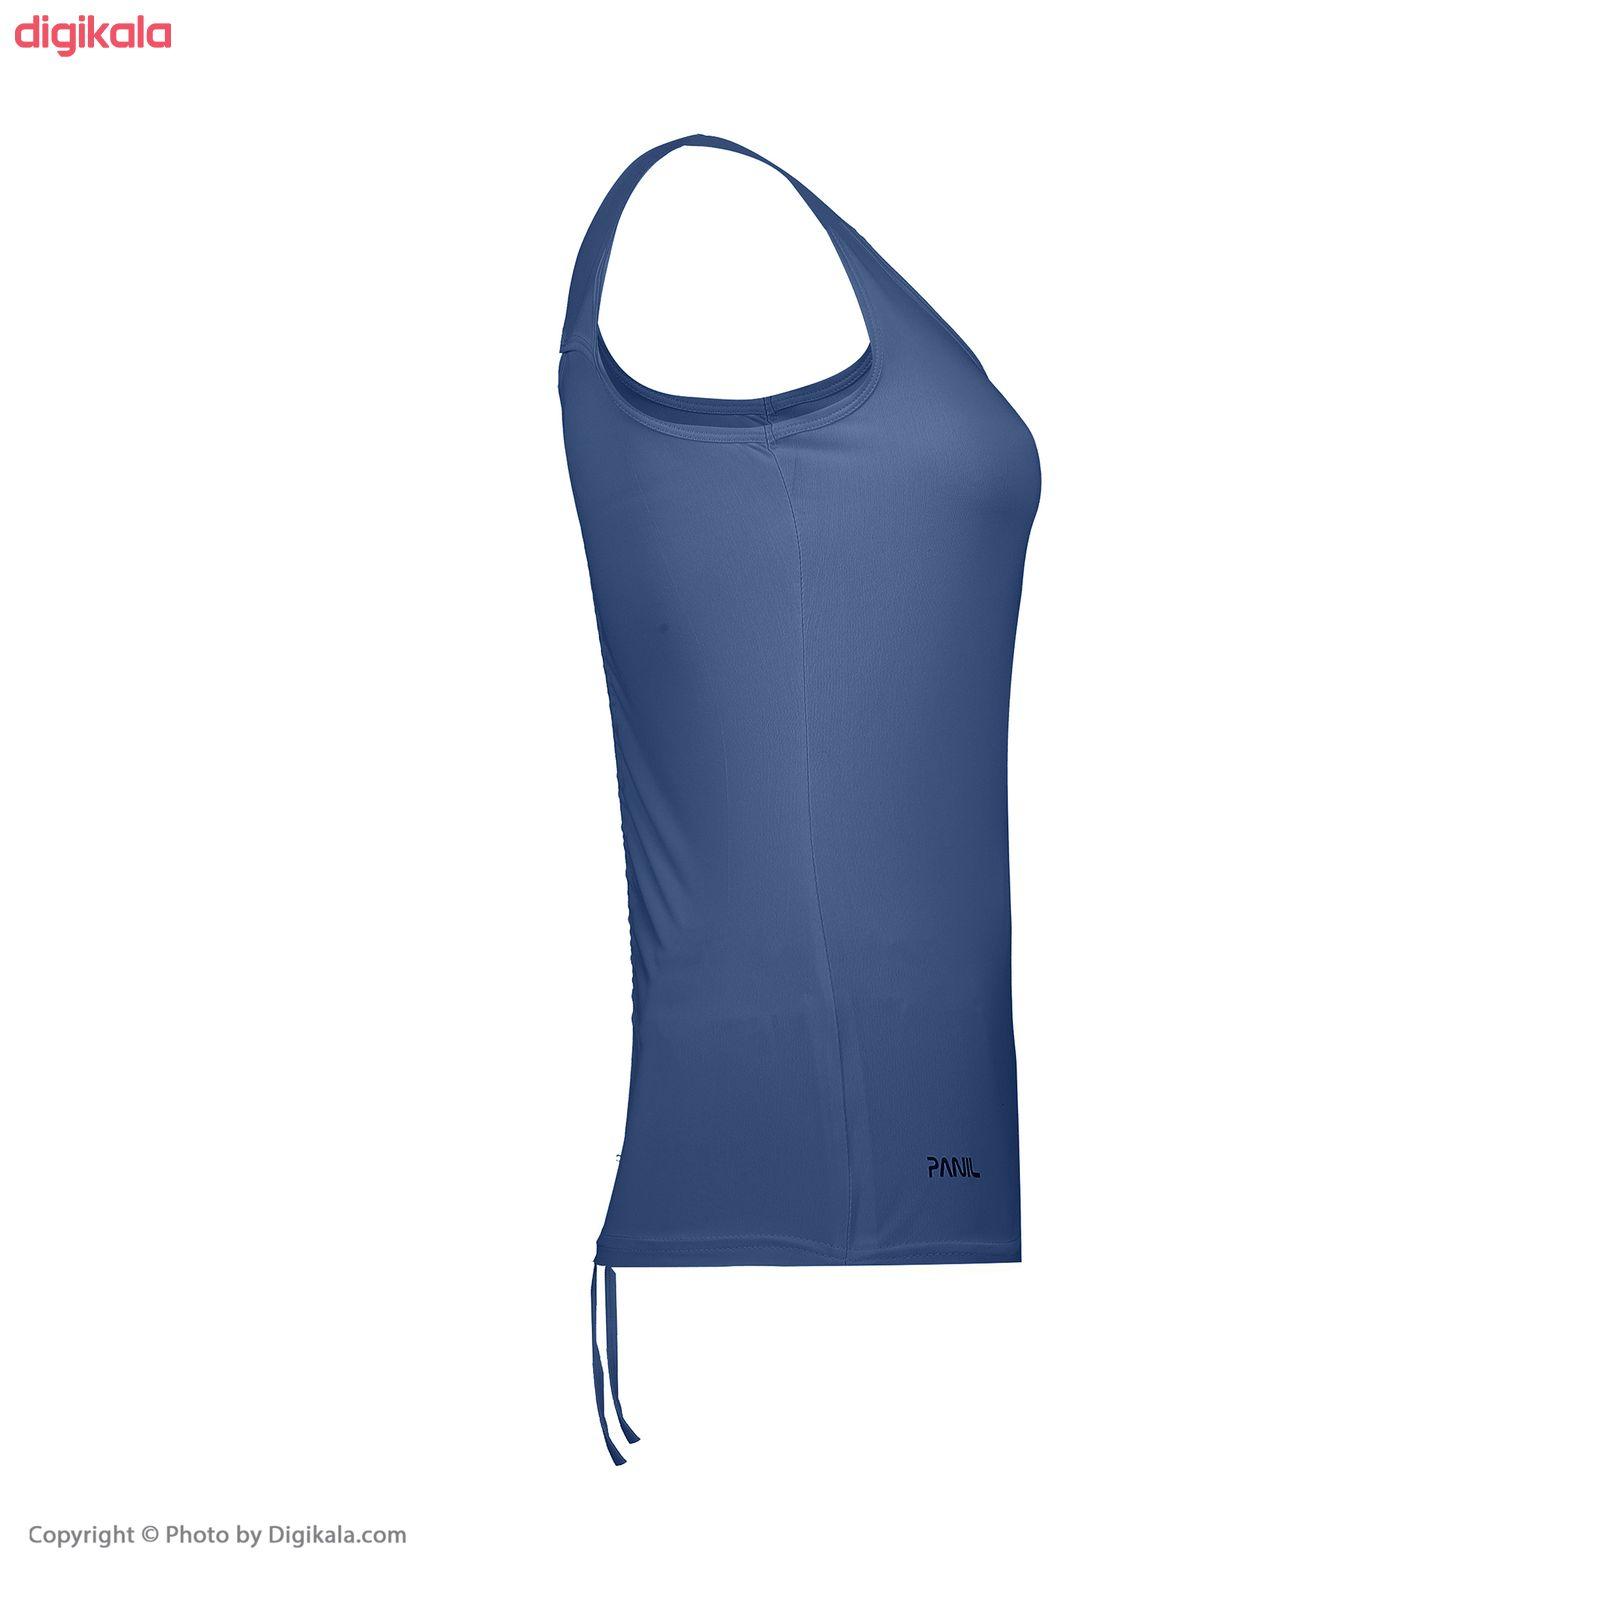 تاپ ورزشی زنانه پانیل 4057B main 1 1